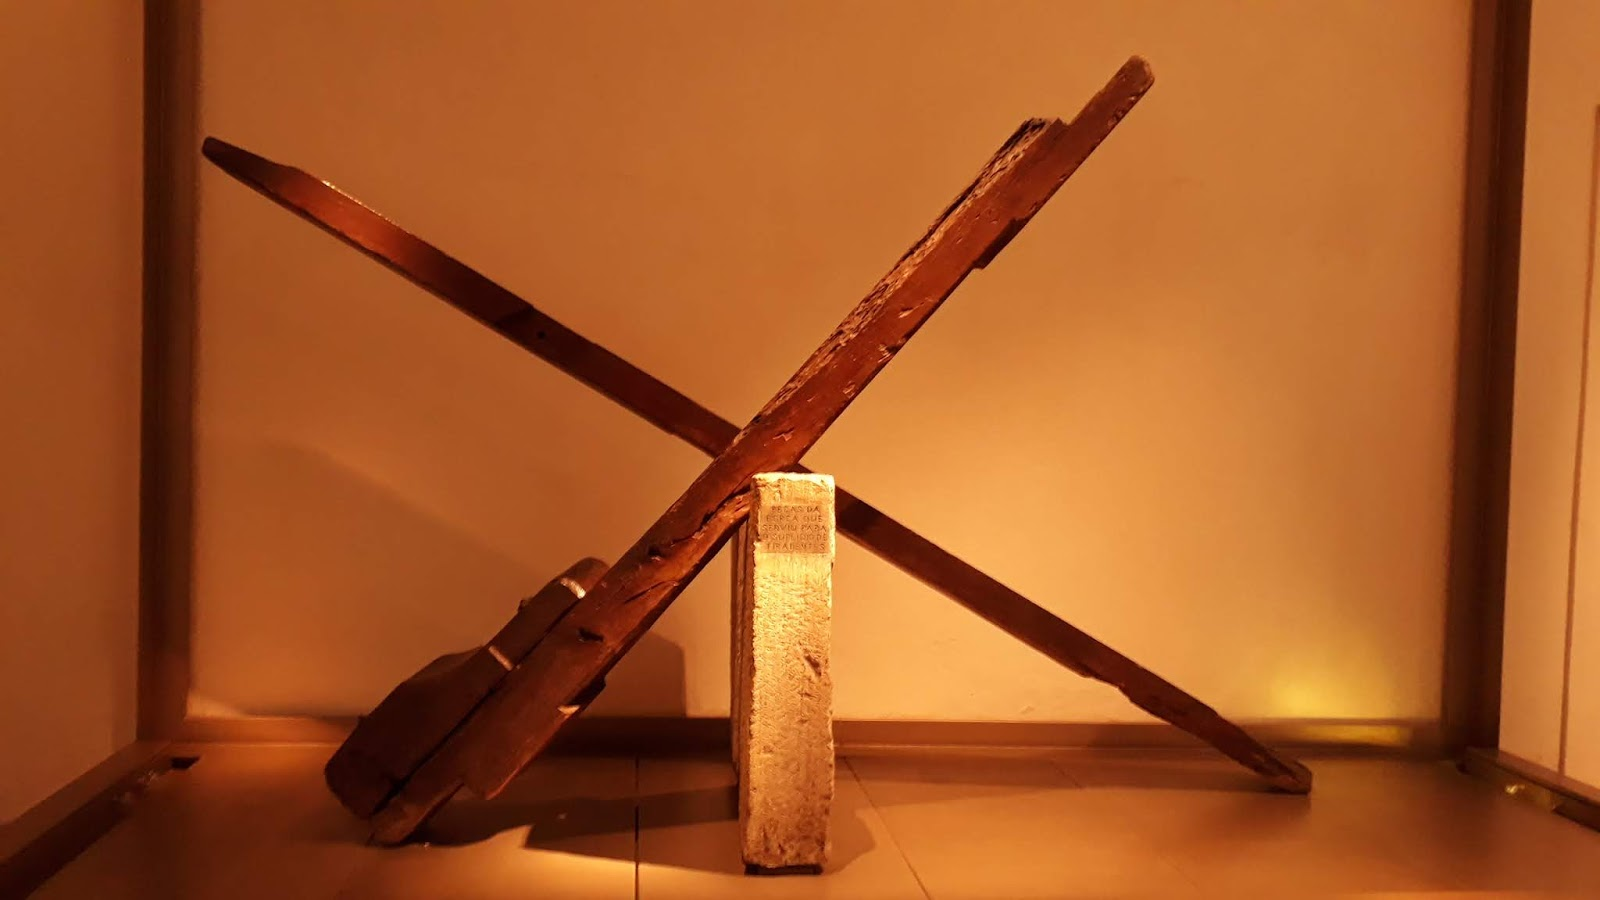 Peças da forca de Tiradentes - Museu da Inconfidência